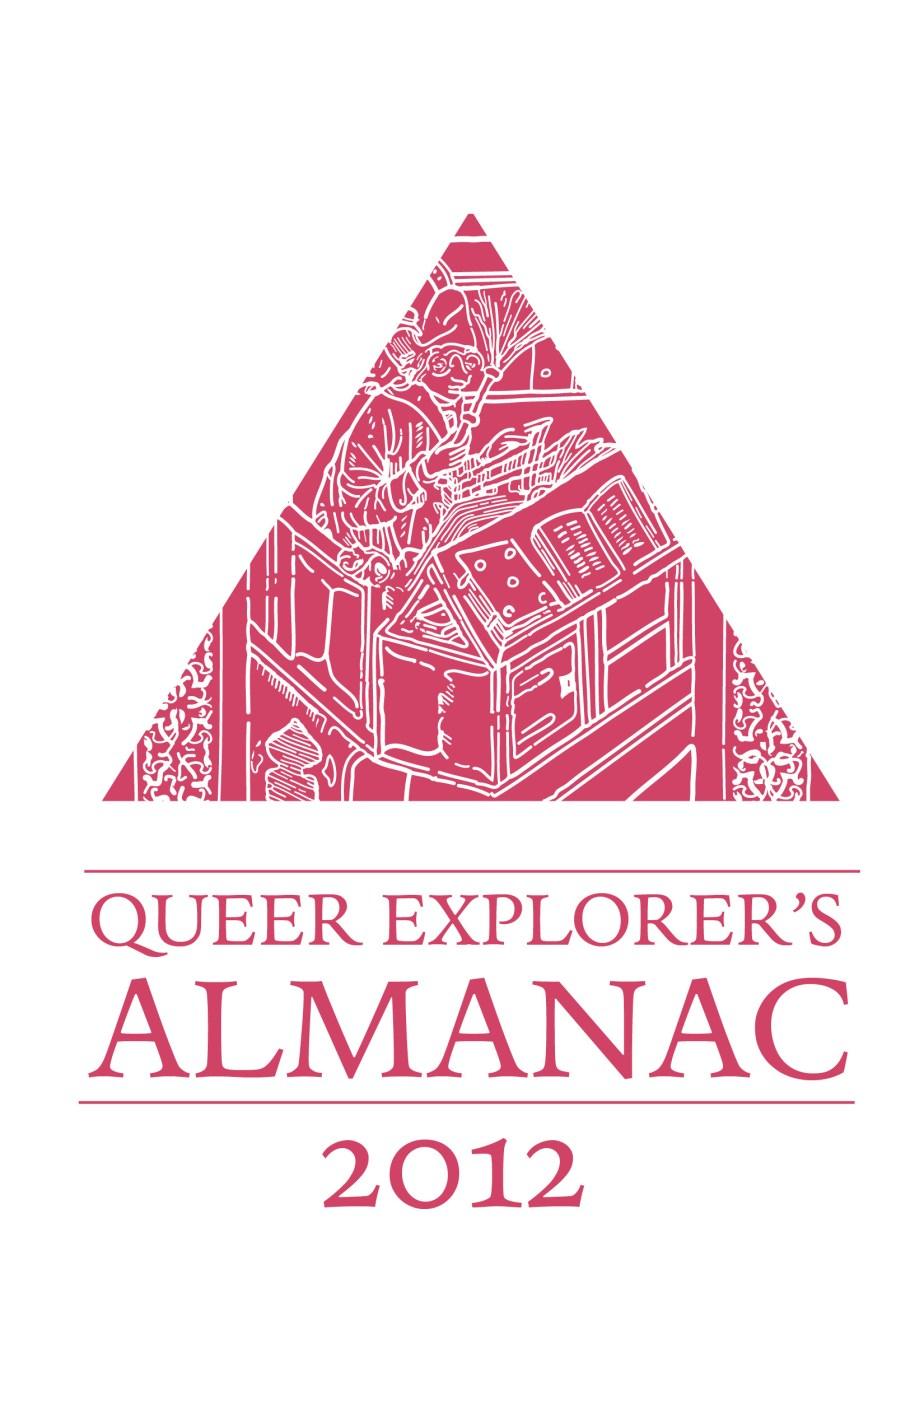 qec almanac cover draft